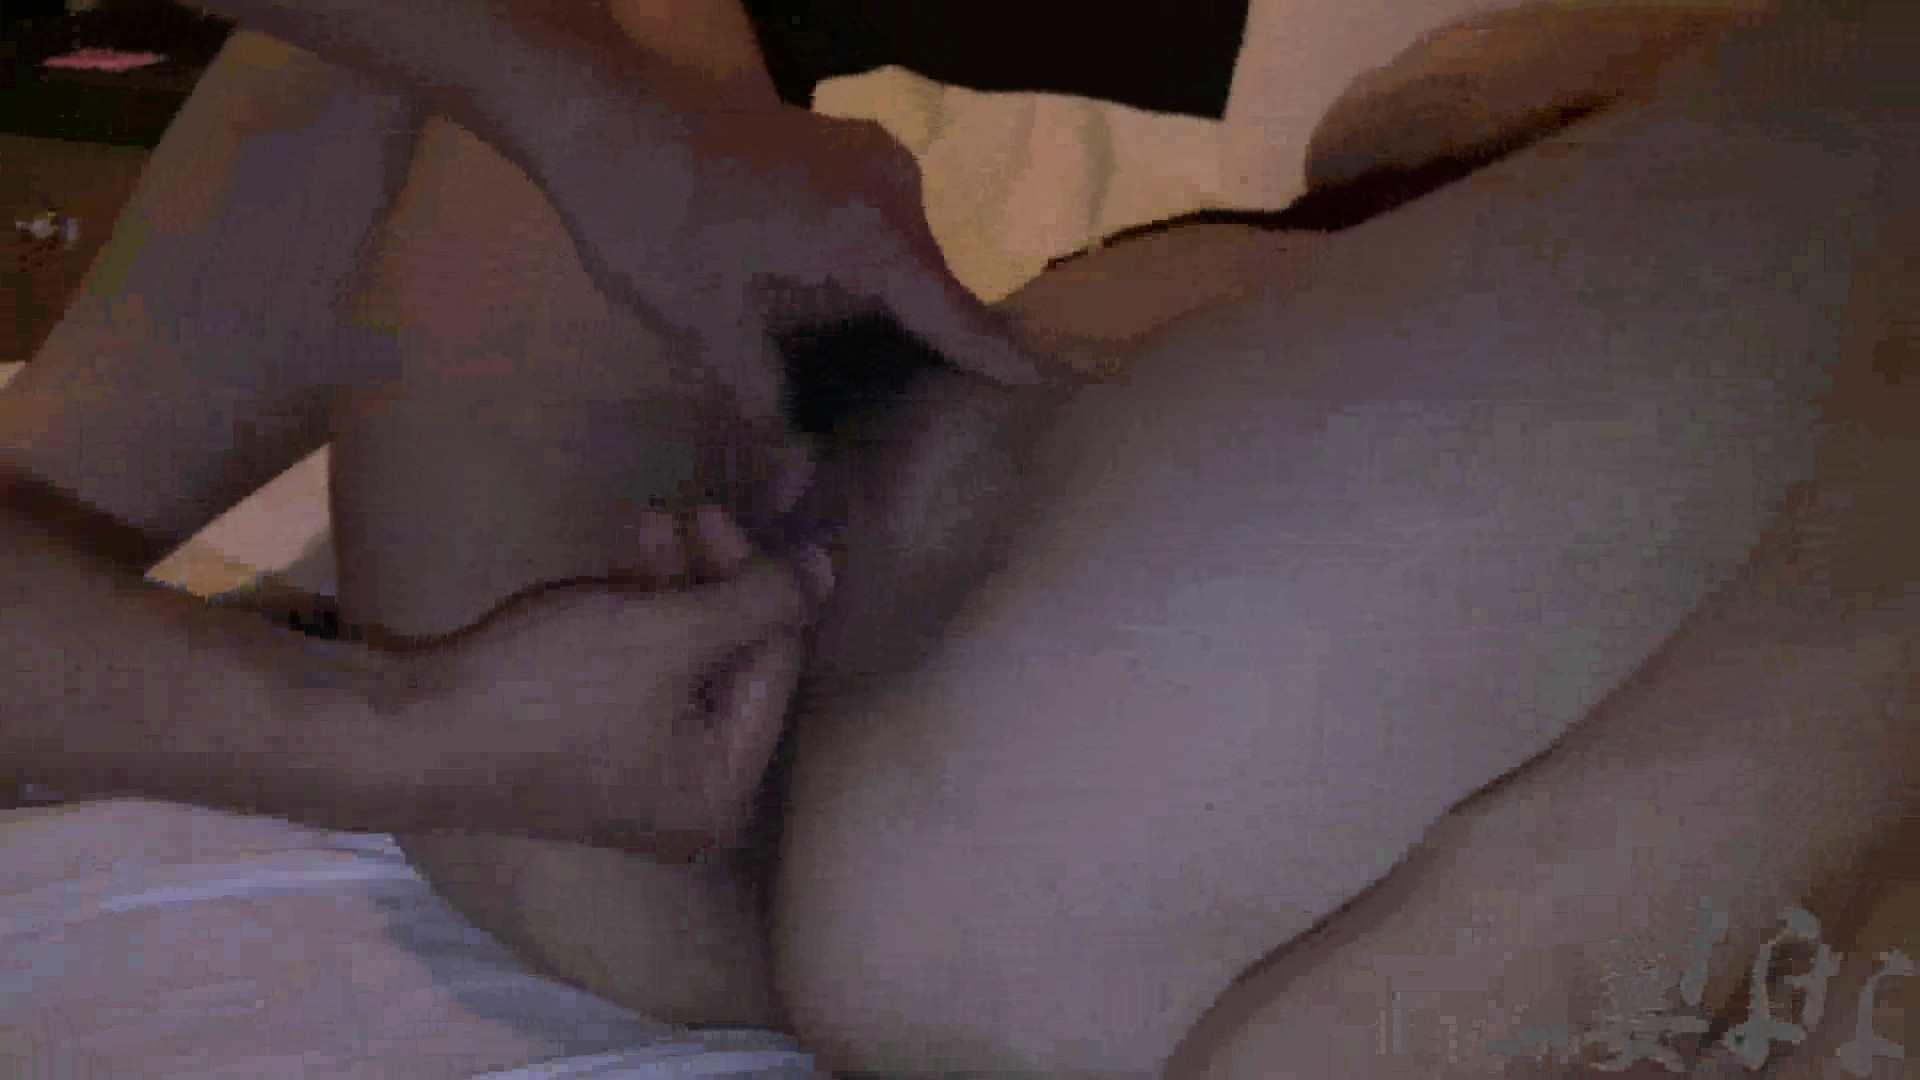 レンタル妻ななvol.11 3Pセックス編 水着 | 生セックス  81pic 47